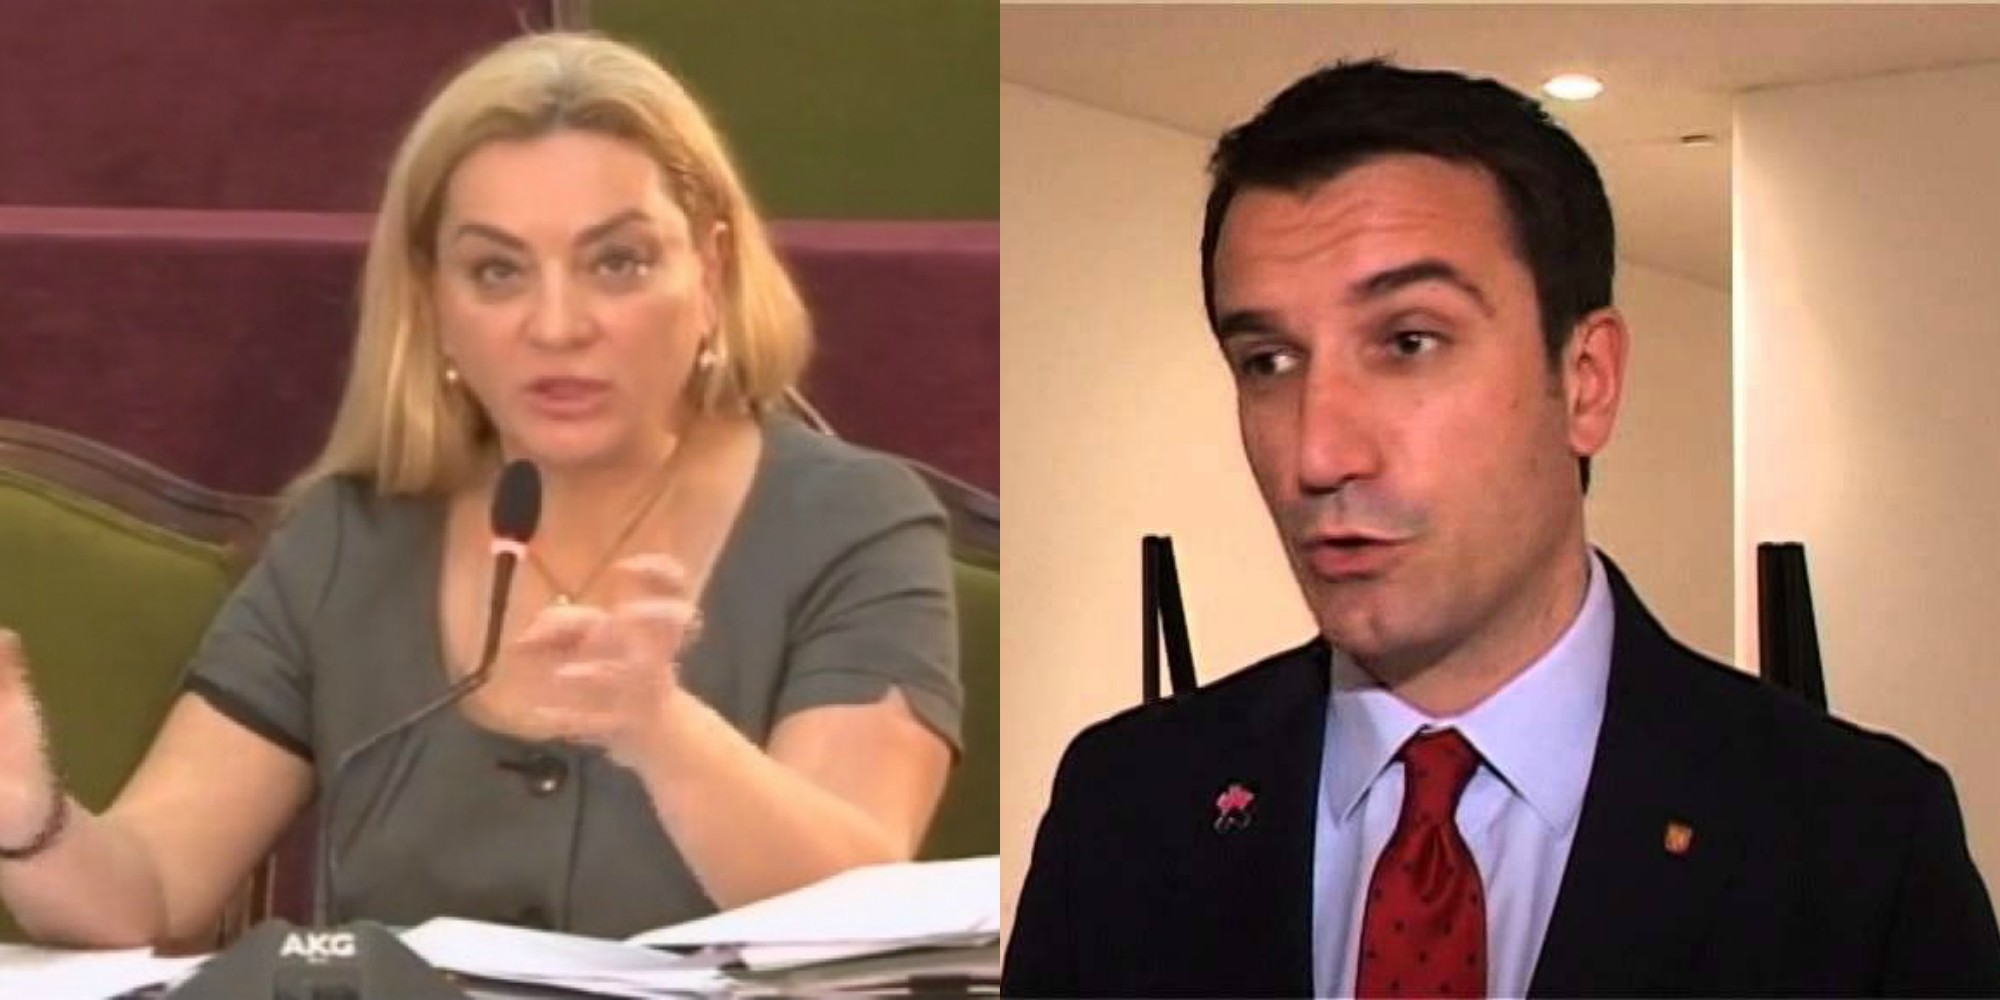 Deputetja Vokshi për Veliajn: Ky ose është injorant ose krejt i pafytyrë